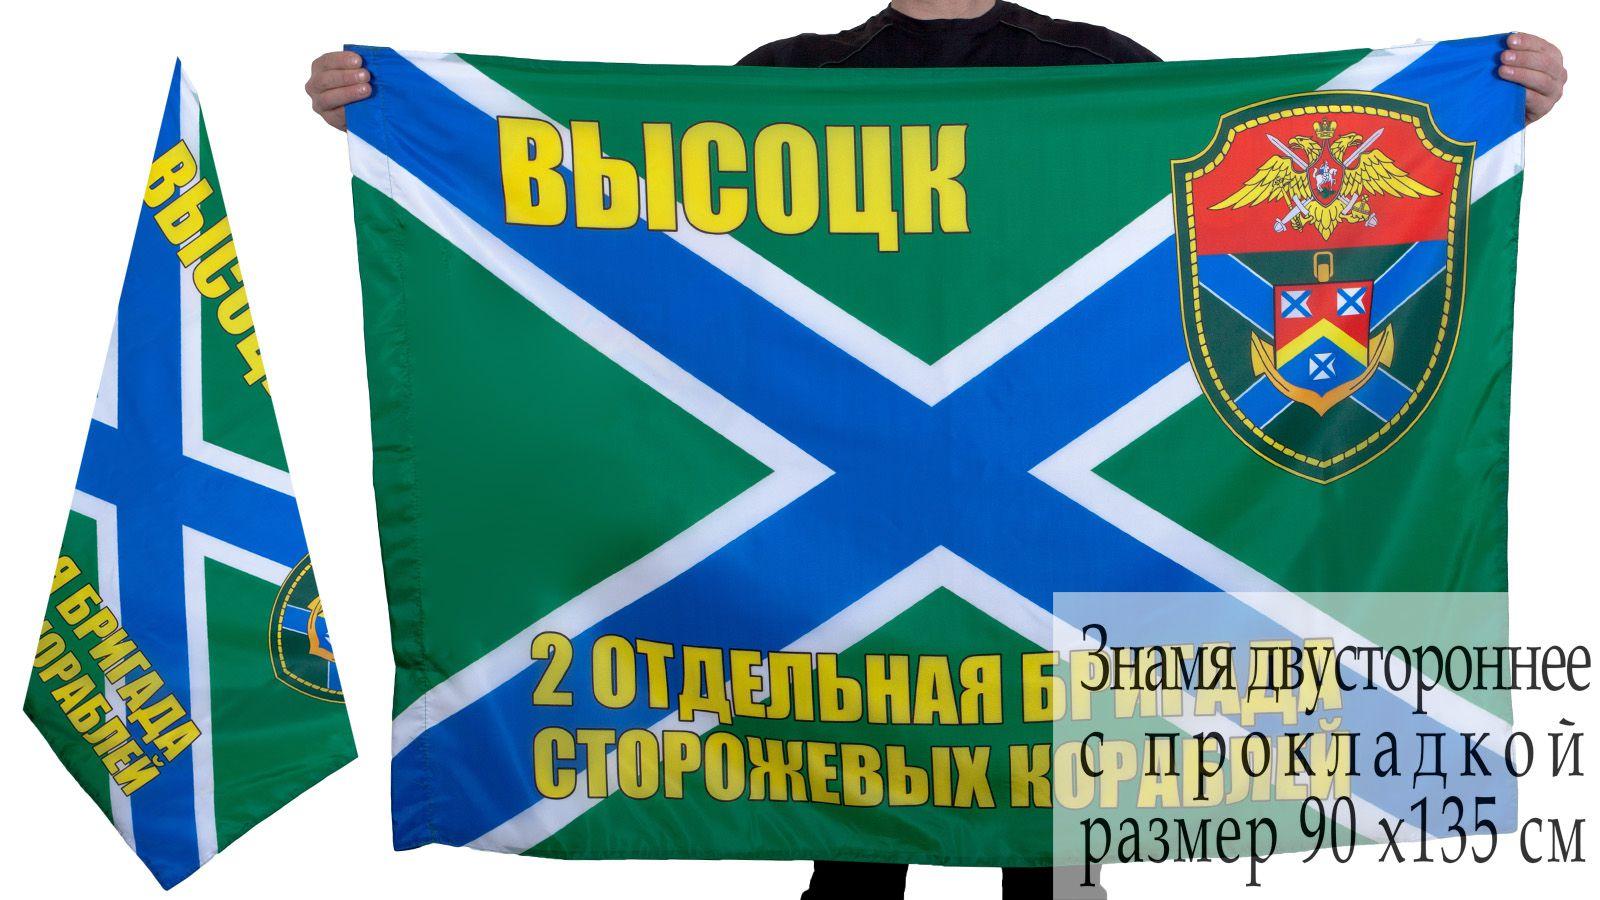 Флаг бригады ПСКР Высоцк